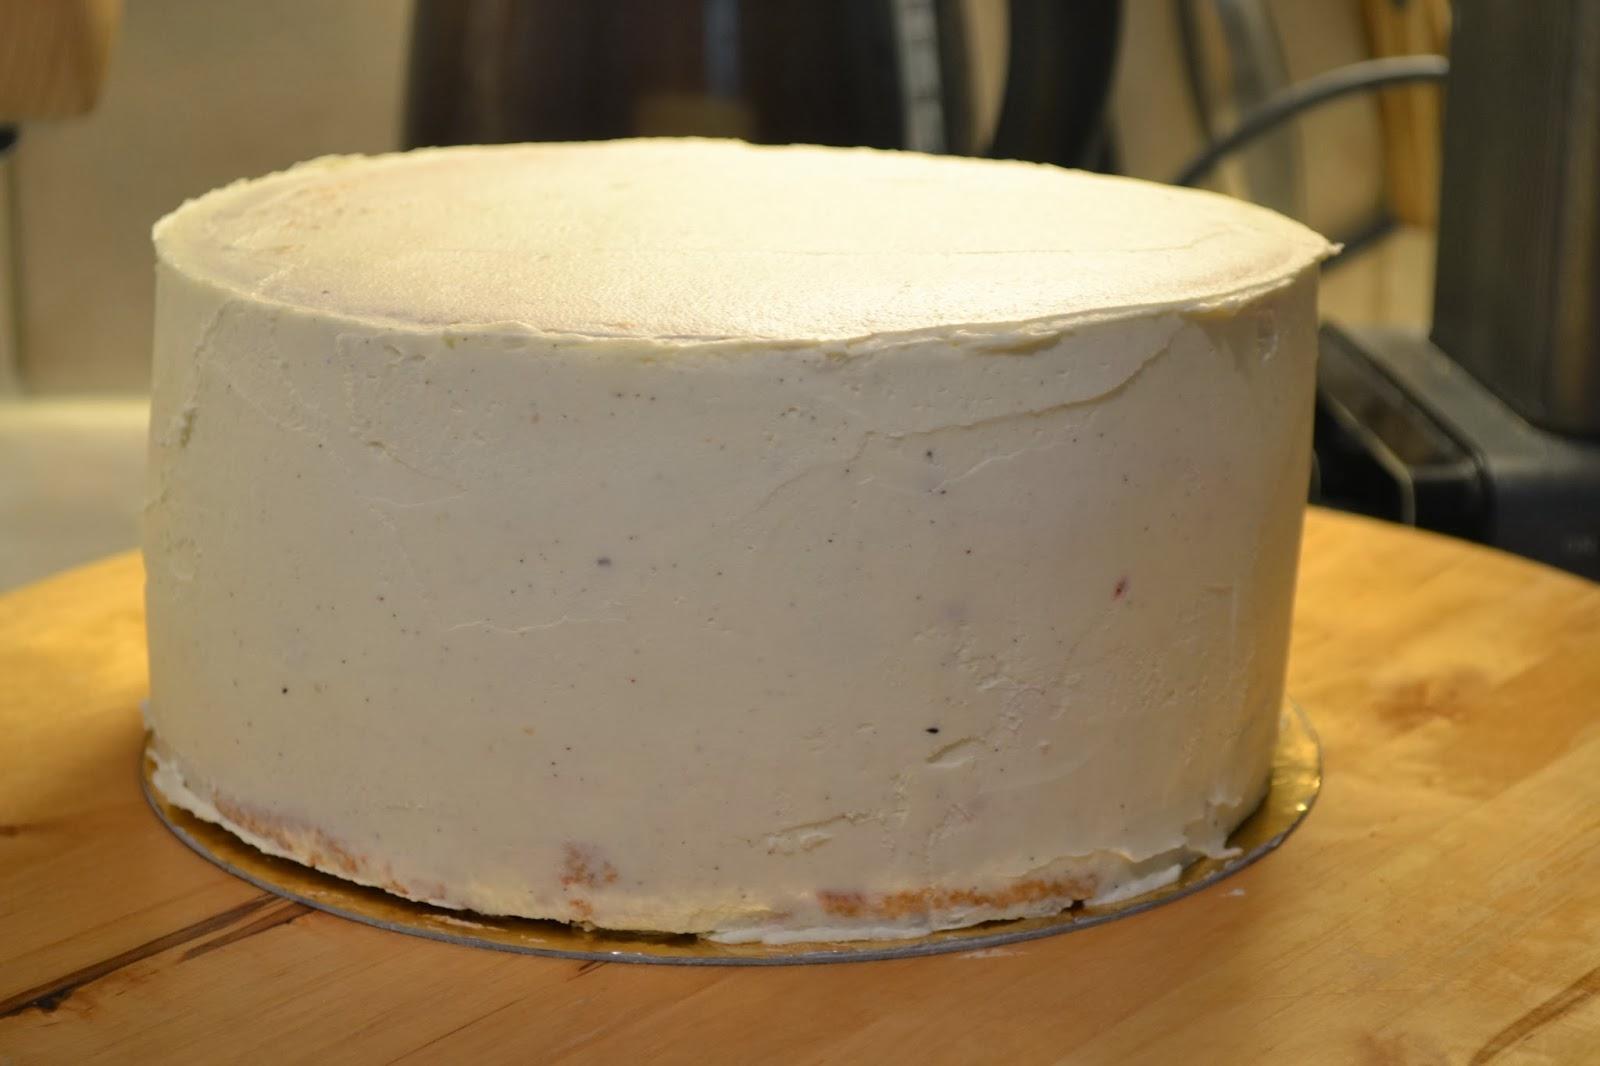 täcka tårta med smörkräm